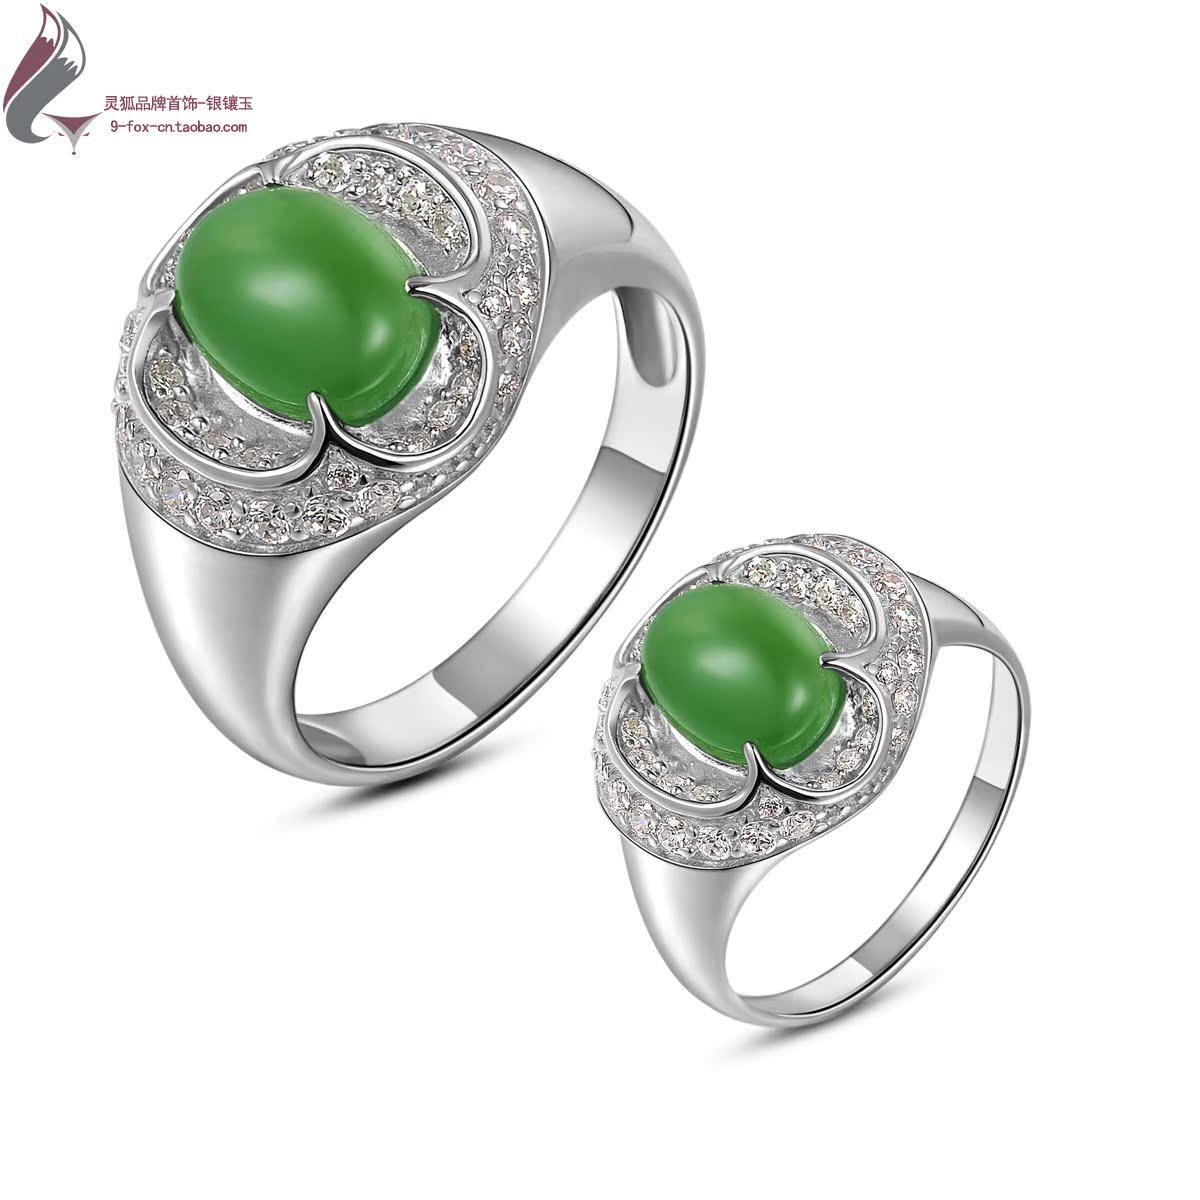 包邮灵狐首饰 银镶玉情侣对戒 925银饰情侣设计风格 热卖玉石戒指